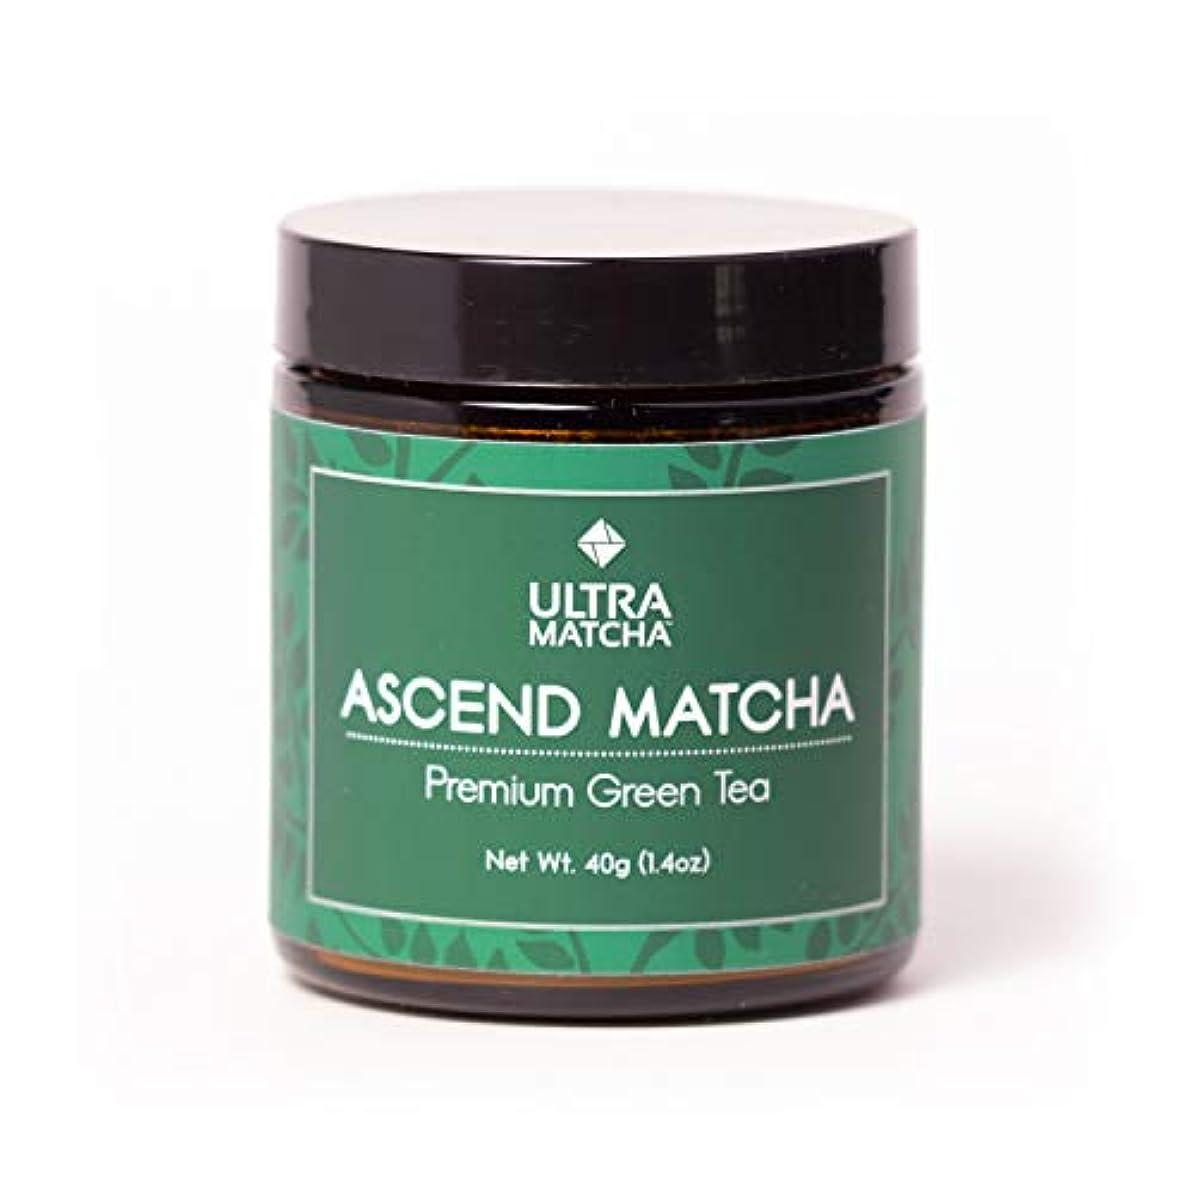 行進リダクター汚すAscend抹茶 – プレミアムグレード – 40 g Jar – ウルトラ抹茶グリーンティー Premium Grade - 40g Jar グリーン